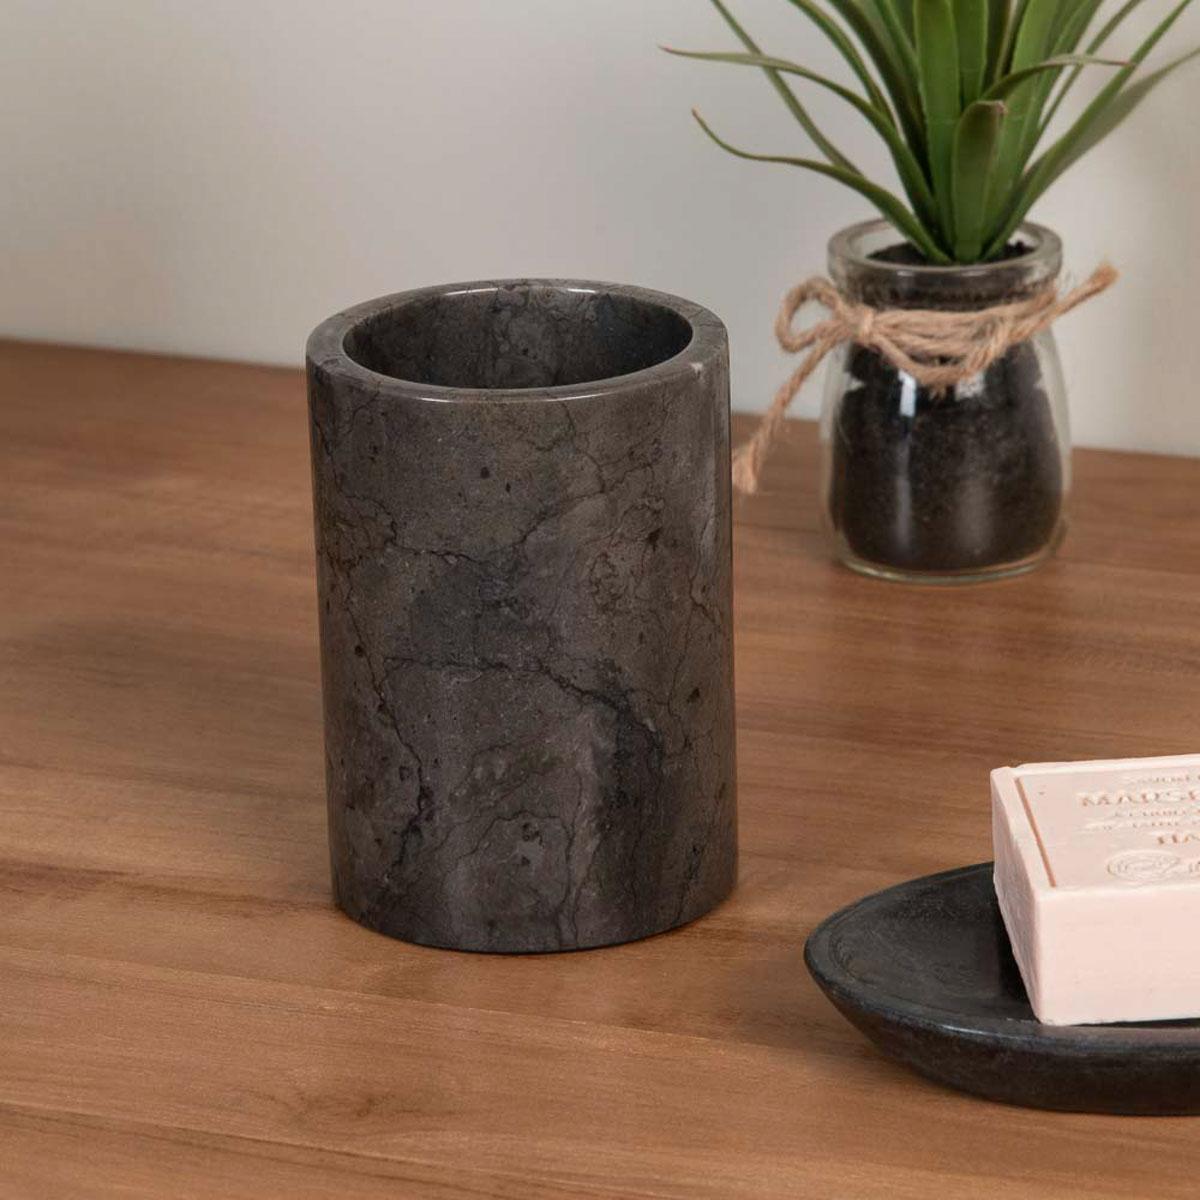 Gobelet porte savon de salle de bain en marbre noir d for Meuble porte gobelet